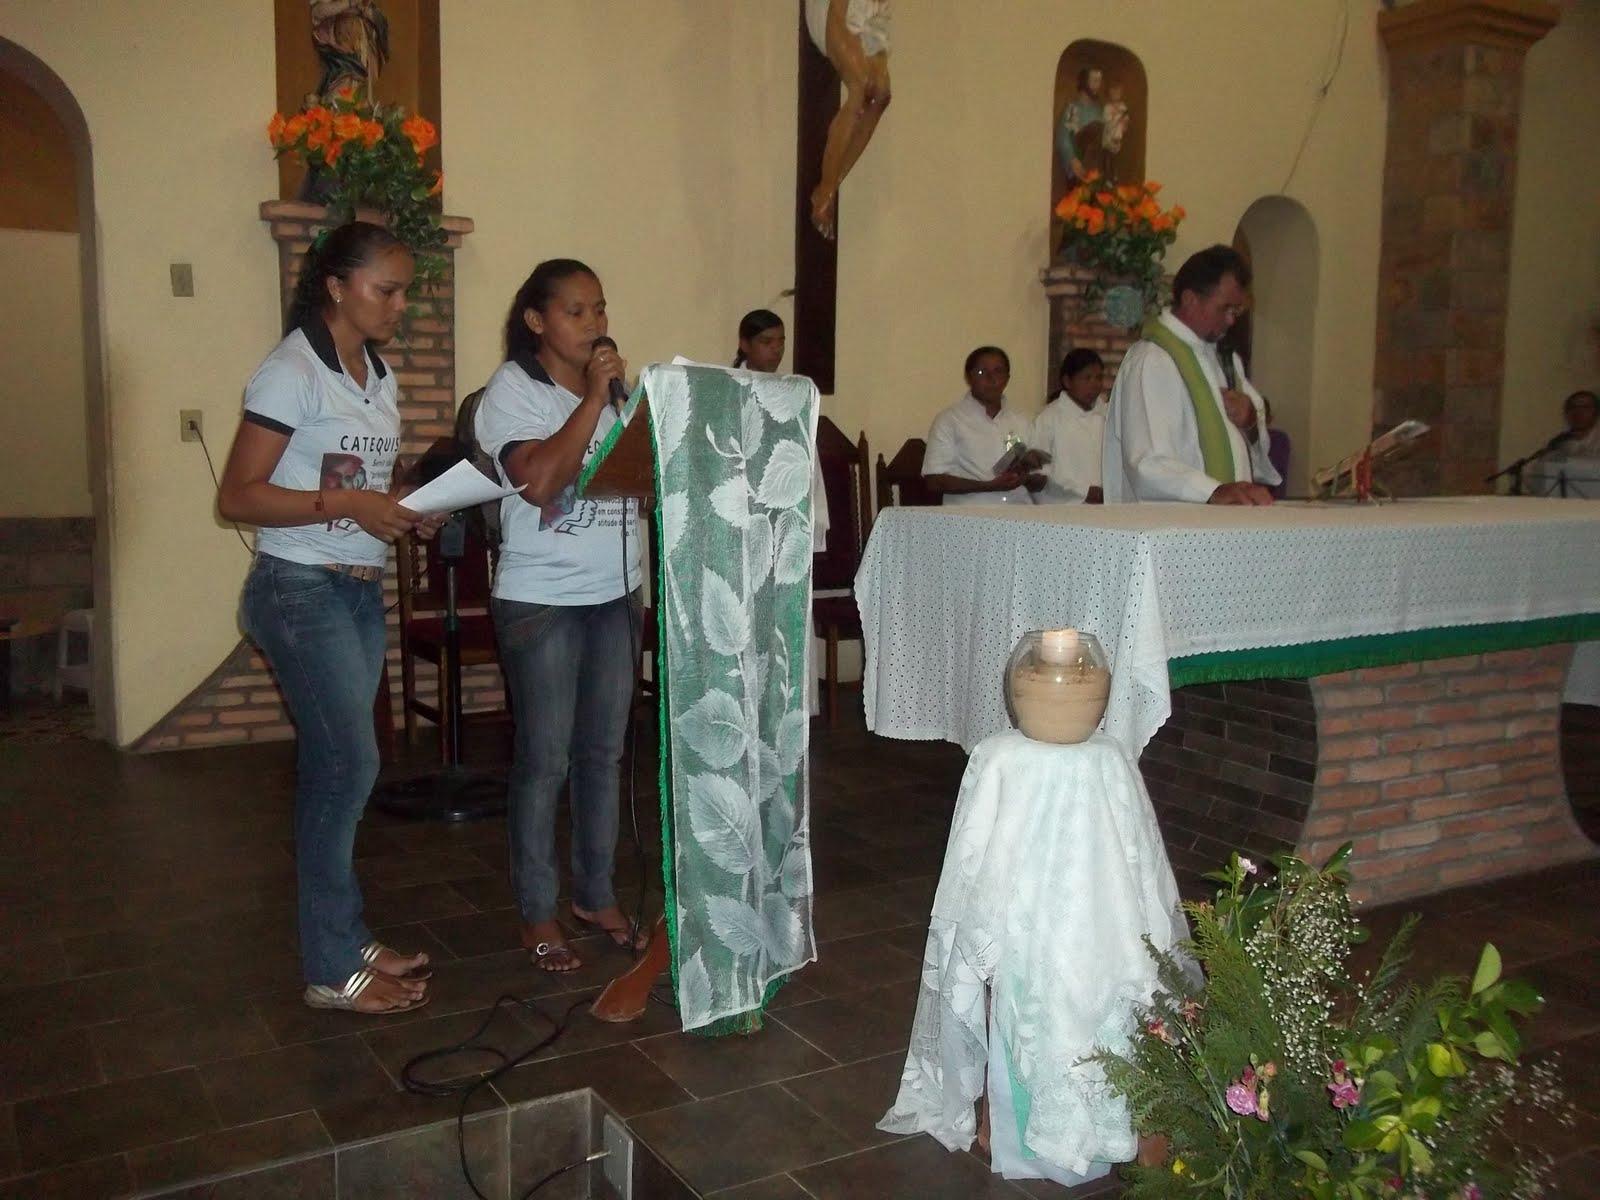 Imaculada concei o de porto pi dia do catequista for Francisco peluqueros porto pi